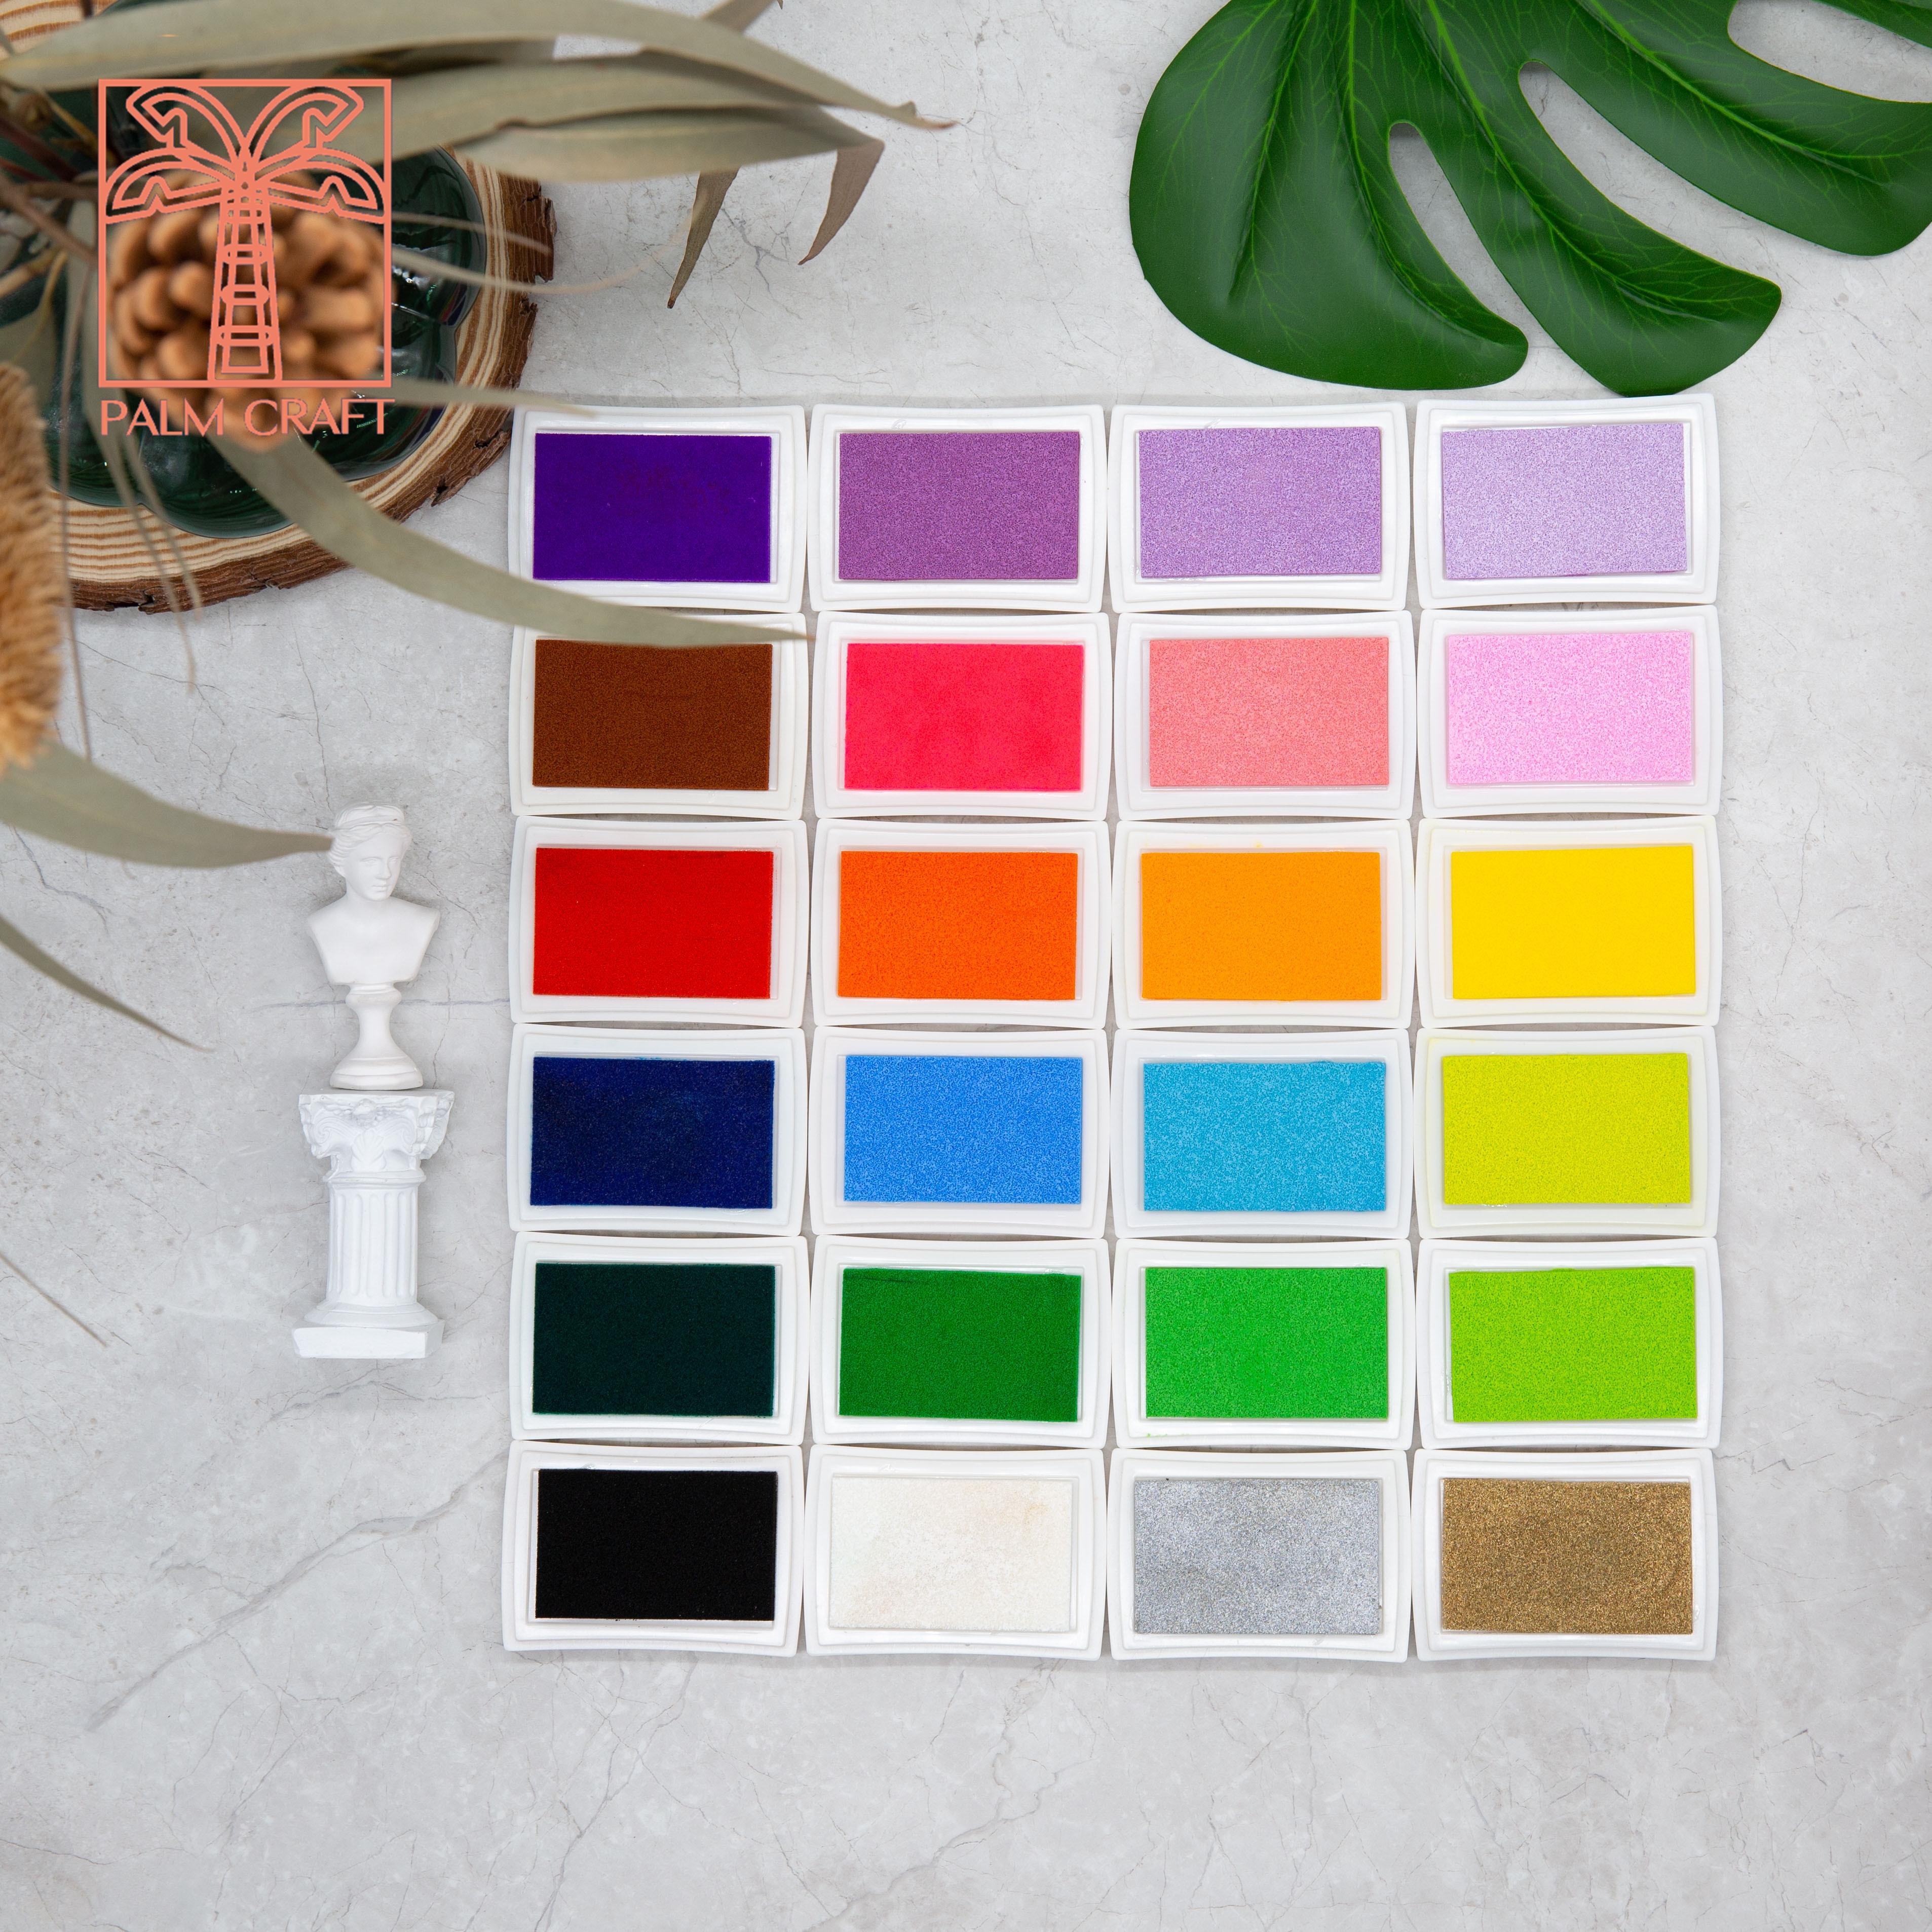 Цветные Печатные накладки, прозрачные штампы, сделай сам, крафт краска, резиновые штампы, ткань, деревянная бумага, скрапбукинг и штамповка, краска для пальцев, Свадебный декор|Штампики|   | АлиЭкспресс - Я б купила